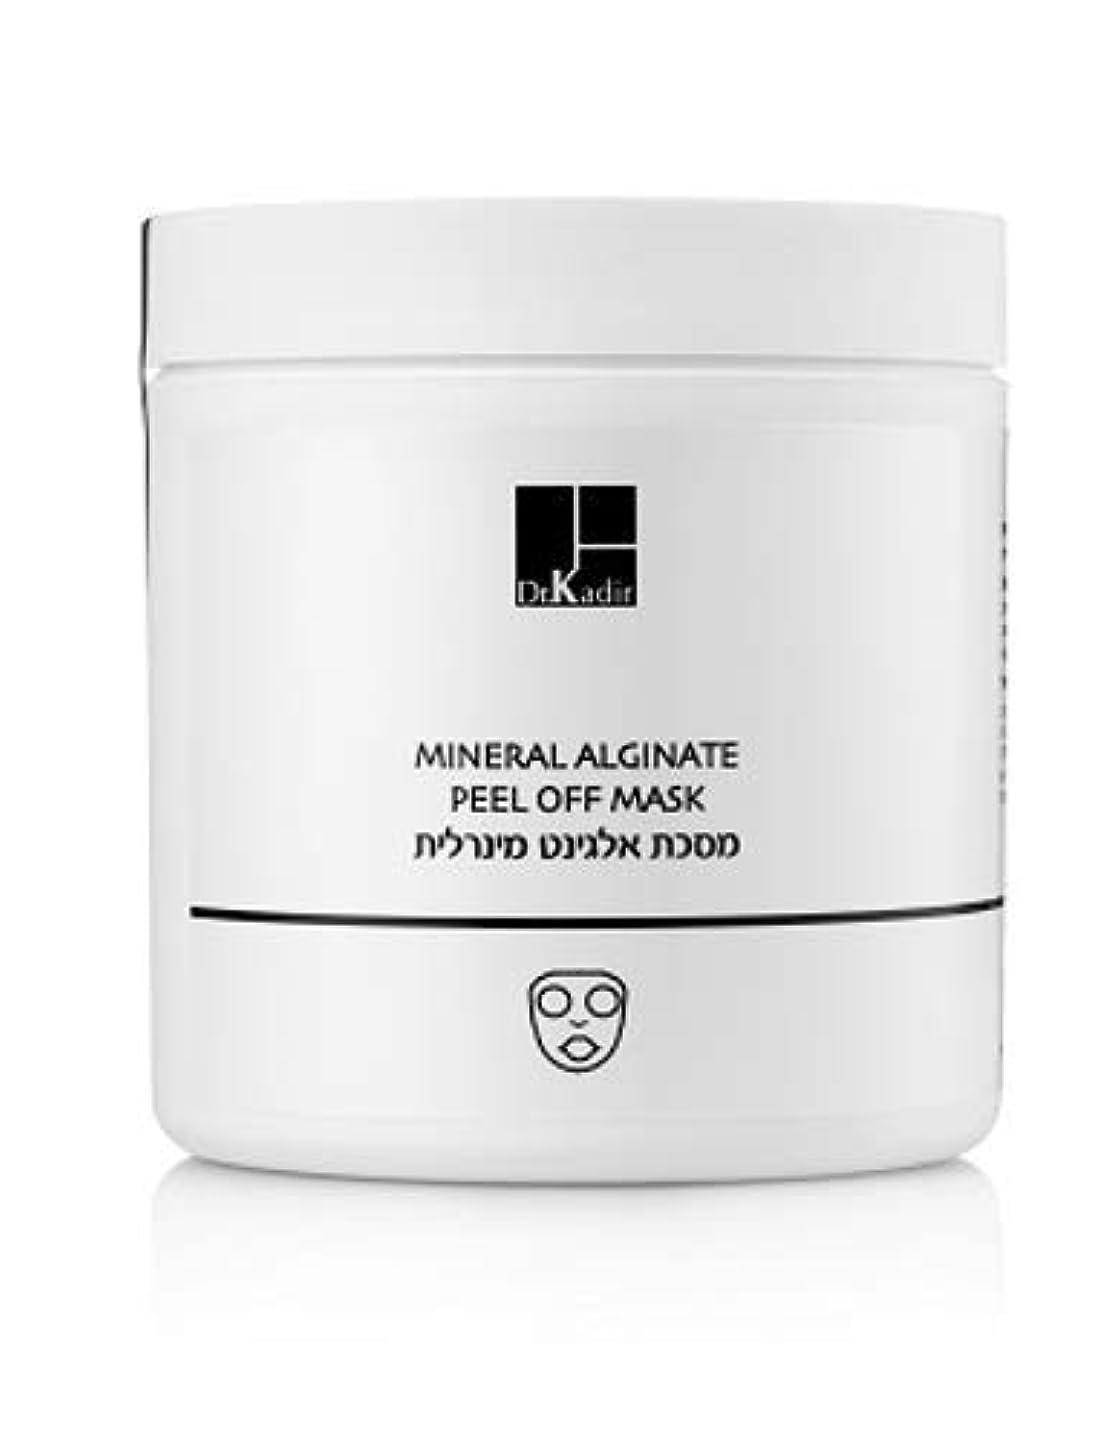 値下げ割り込み代わりにを立てるDr. Kadir Mineral Alginate Mask 500ml